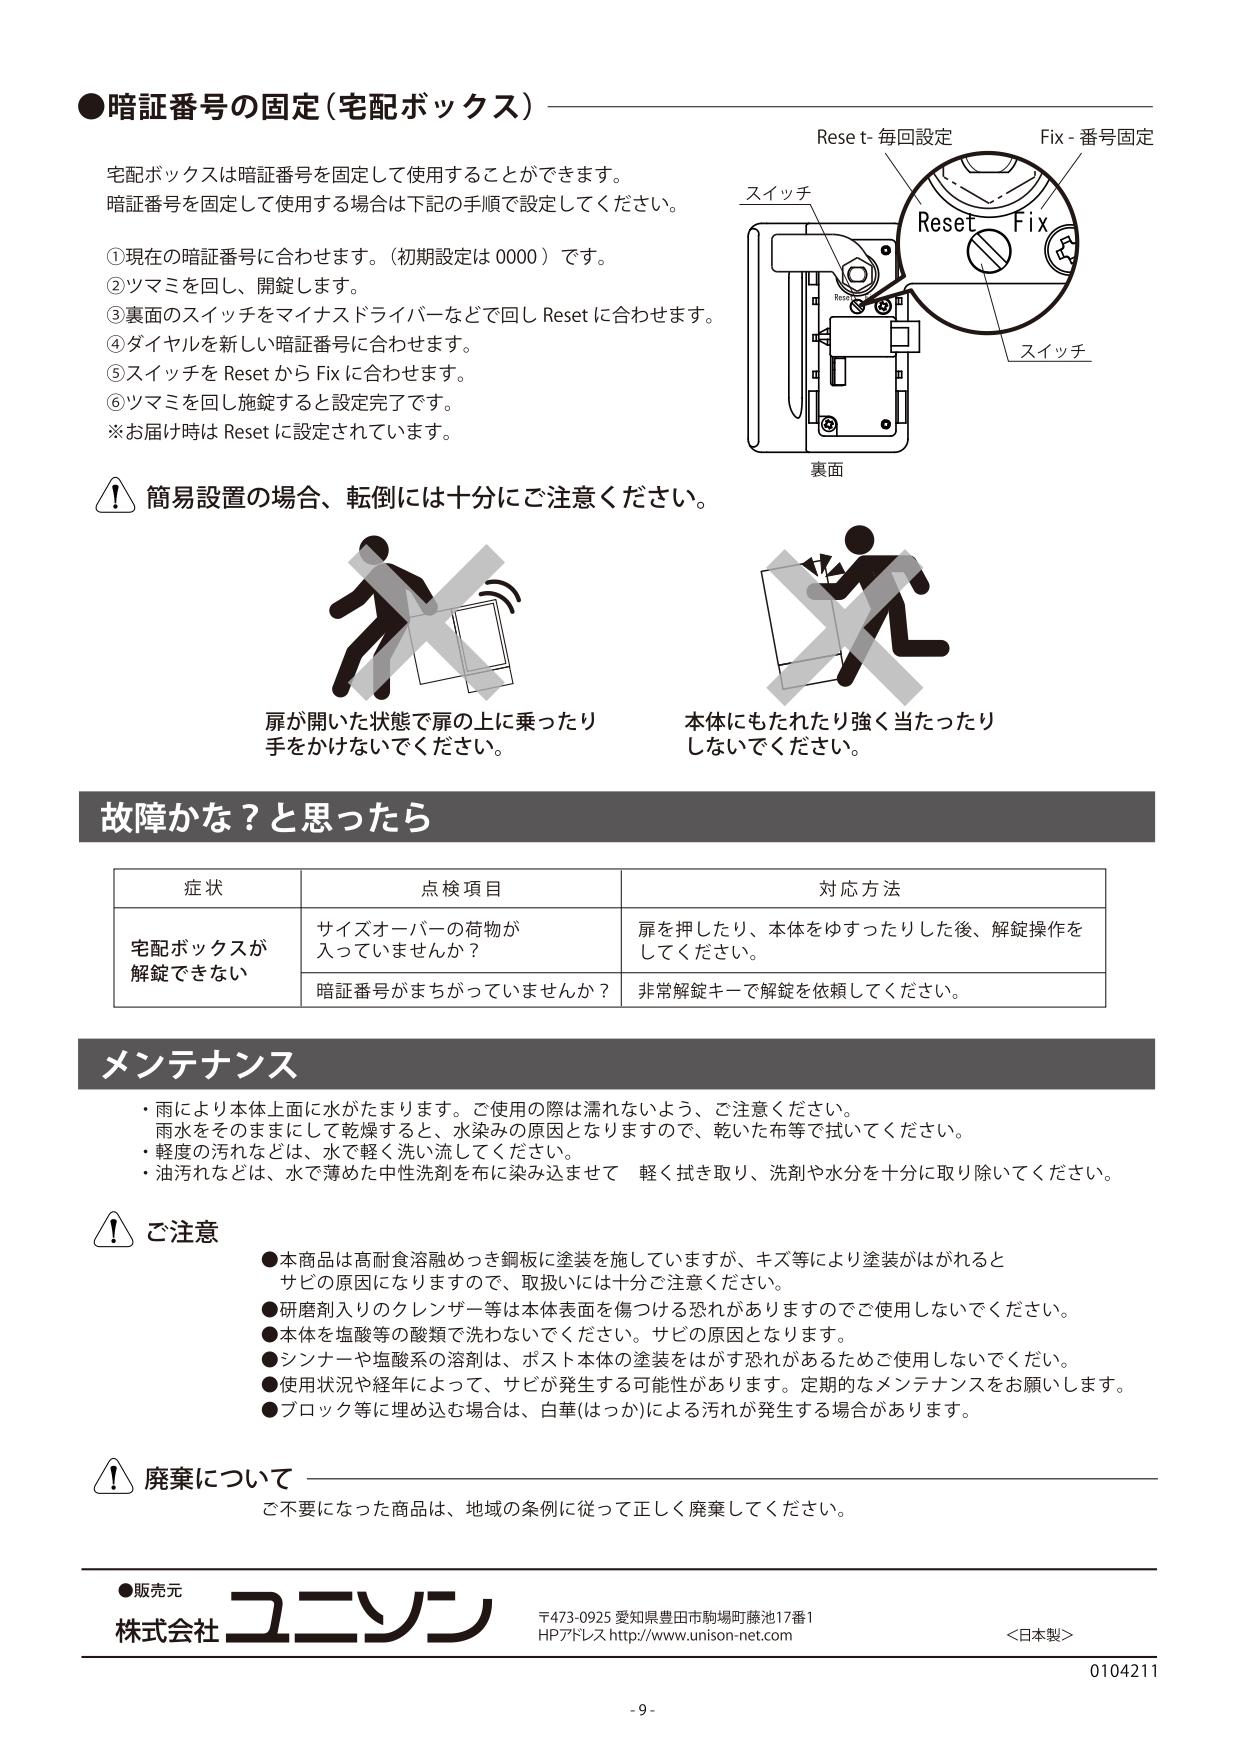 リピットDB_取扱説明書_page-0009